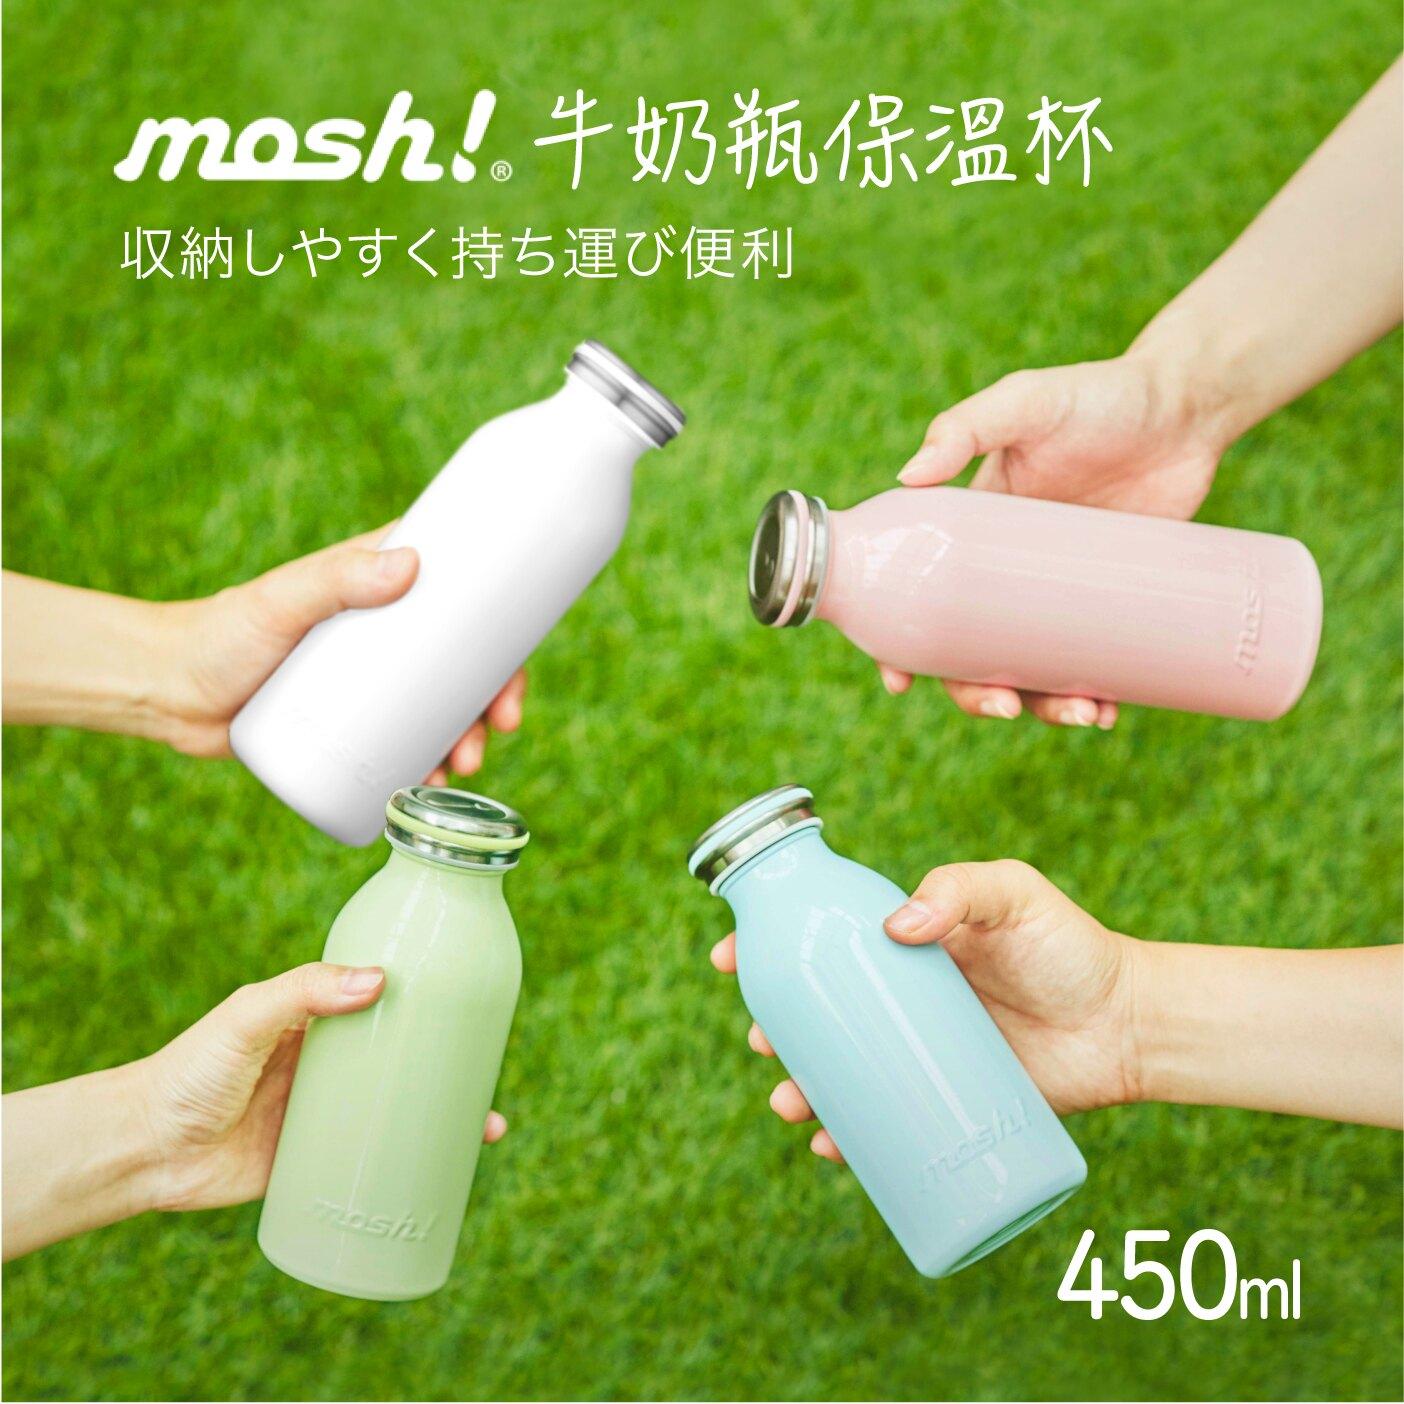 滿千折百【日本Mosh!】350ml牛奶系保溫瓶 公司貨